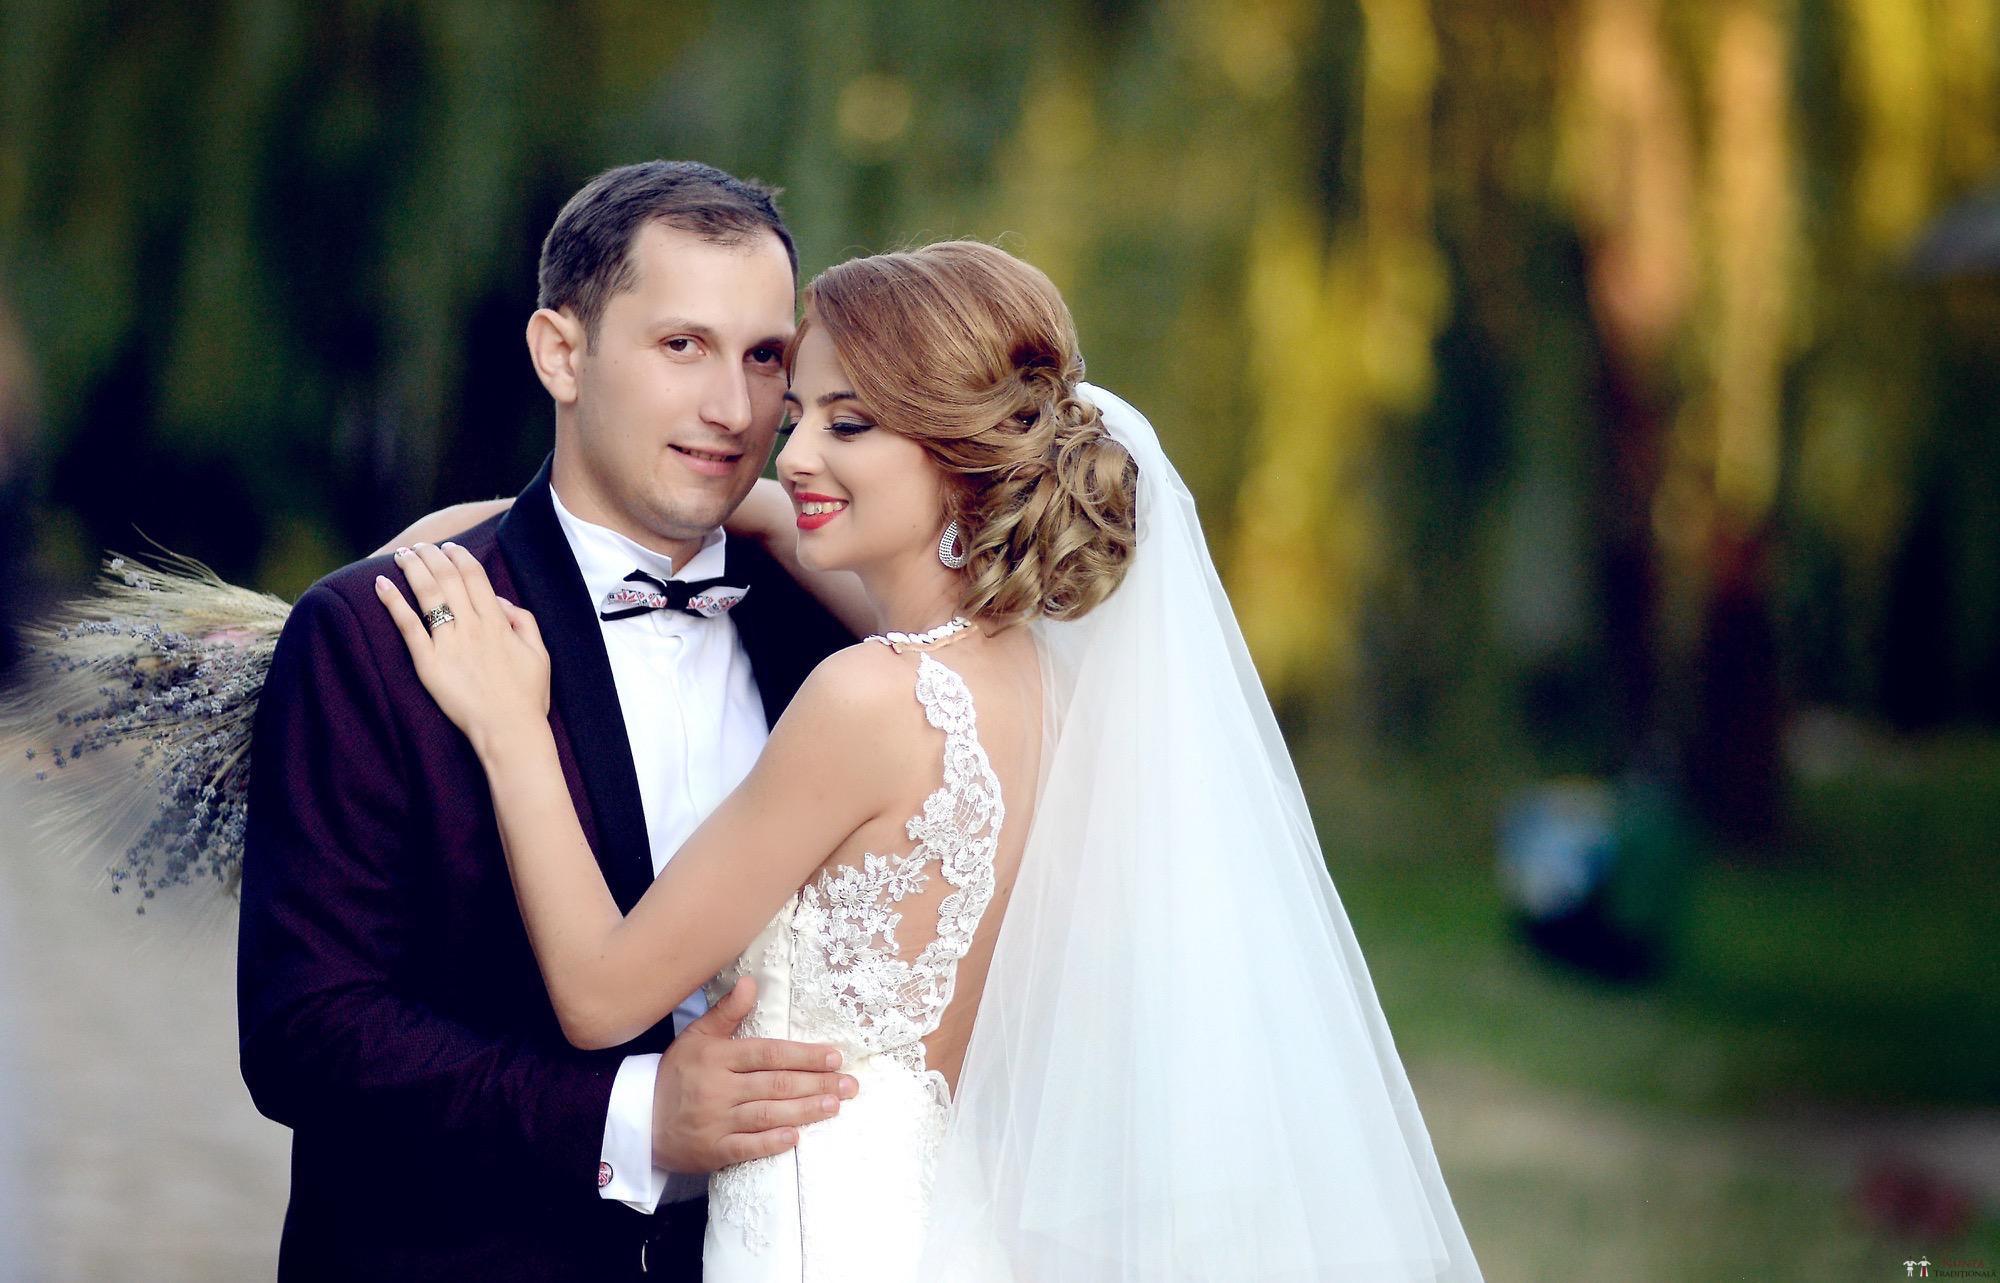 Povești Nunți Tradiționale - Iulia și Andrei. Nuntă tradițională în Bucovina. 82